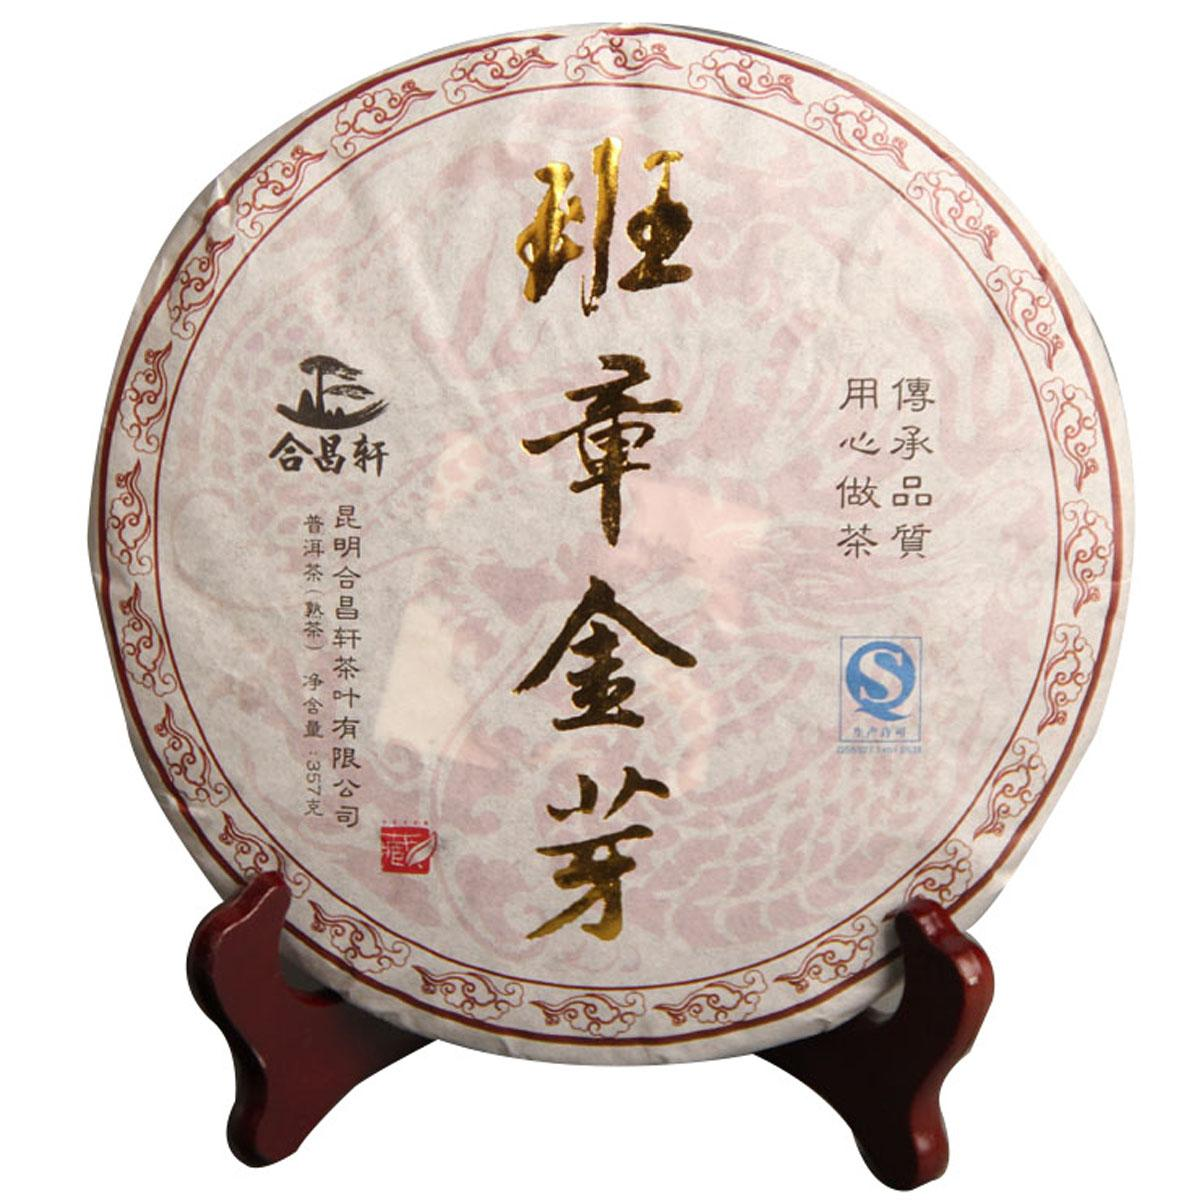 Tercih 357g Yunnan Banzhang Altın Bud Olgun Puer Çay Kek Organik Doğal Siyah Pu'er Çay Yaşlı Ağaç Pişmiş Puer Çay